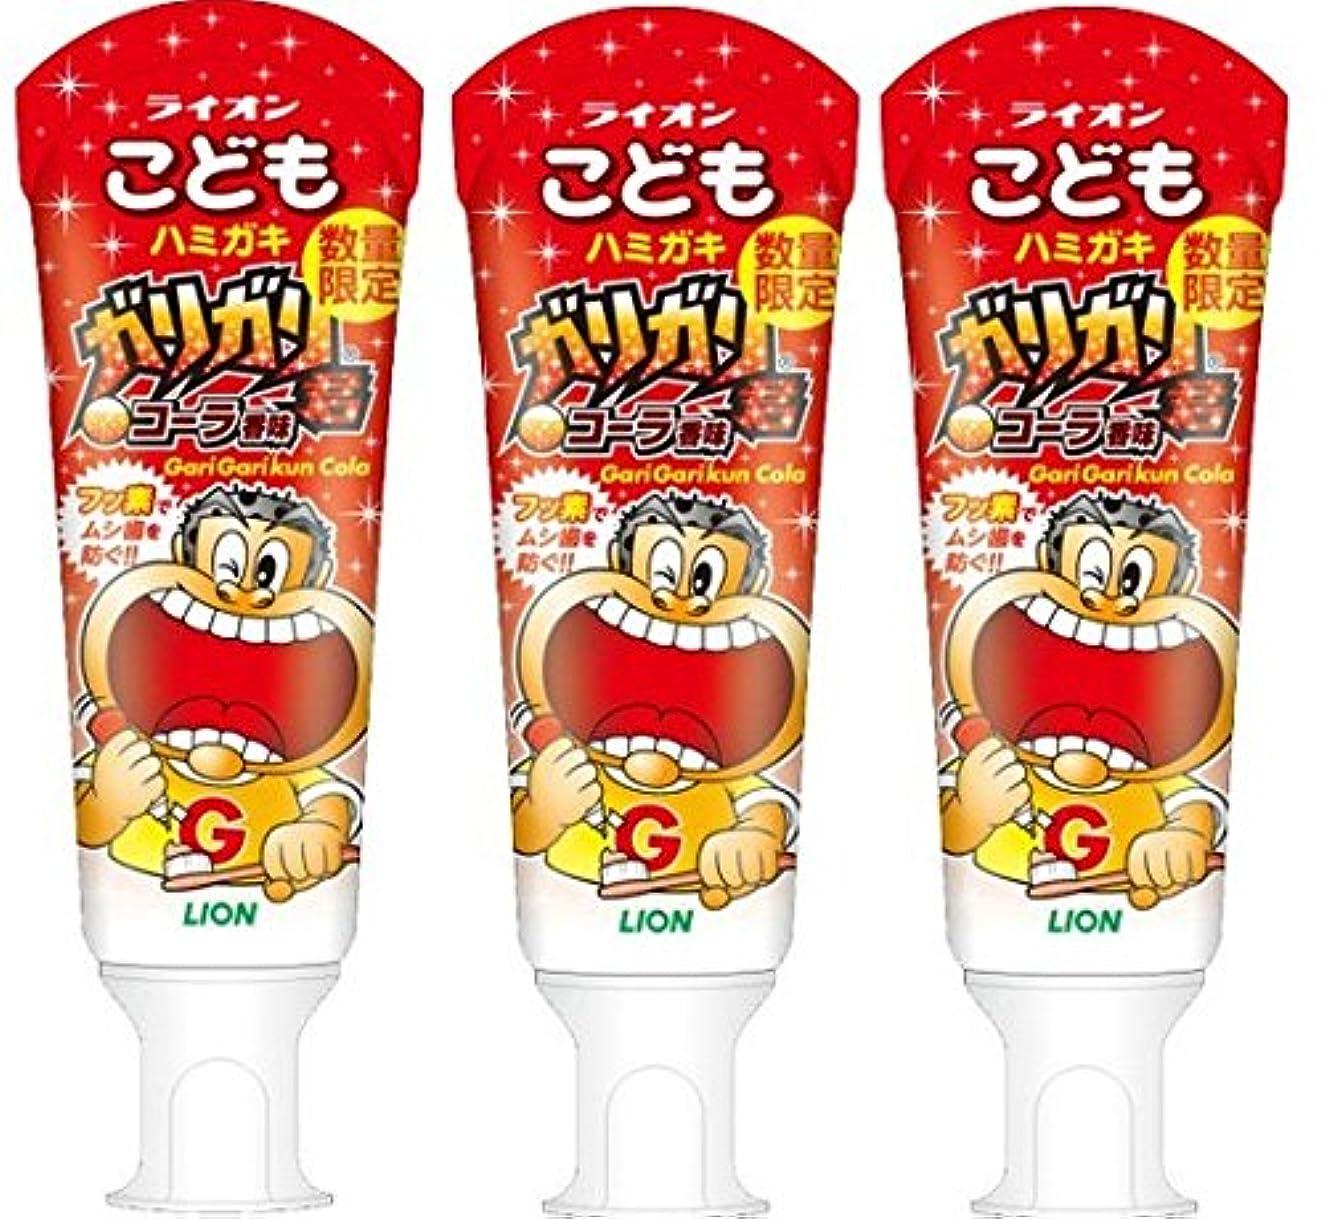 パドルはがき形式【お買い得セット】 こどもハミガキ ガリガリ君 コーラ香味 3本